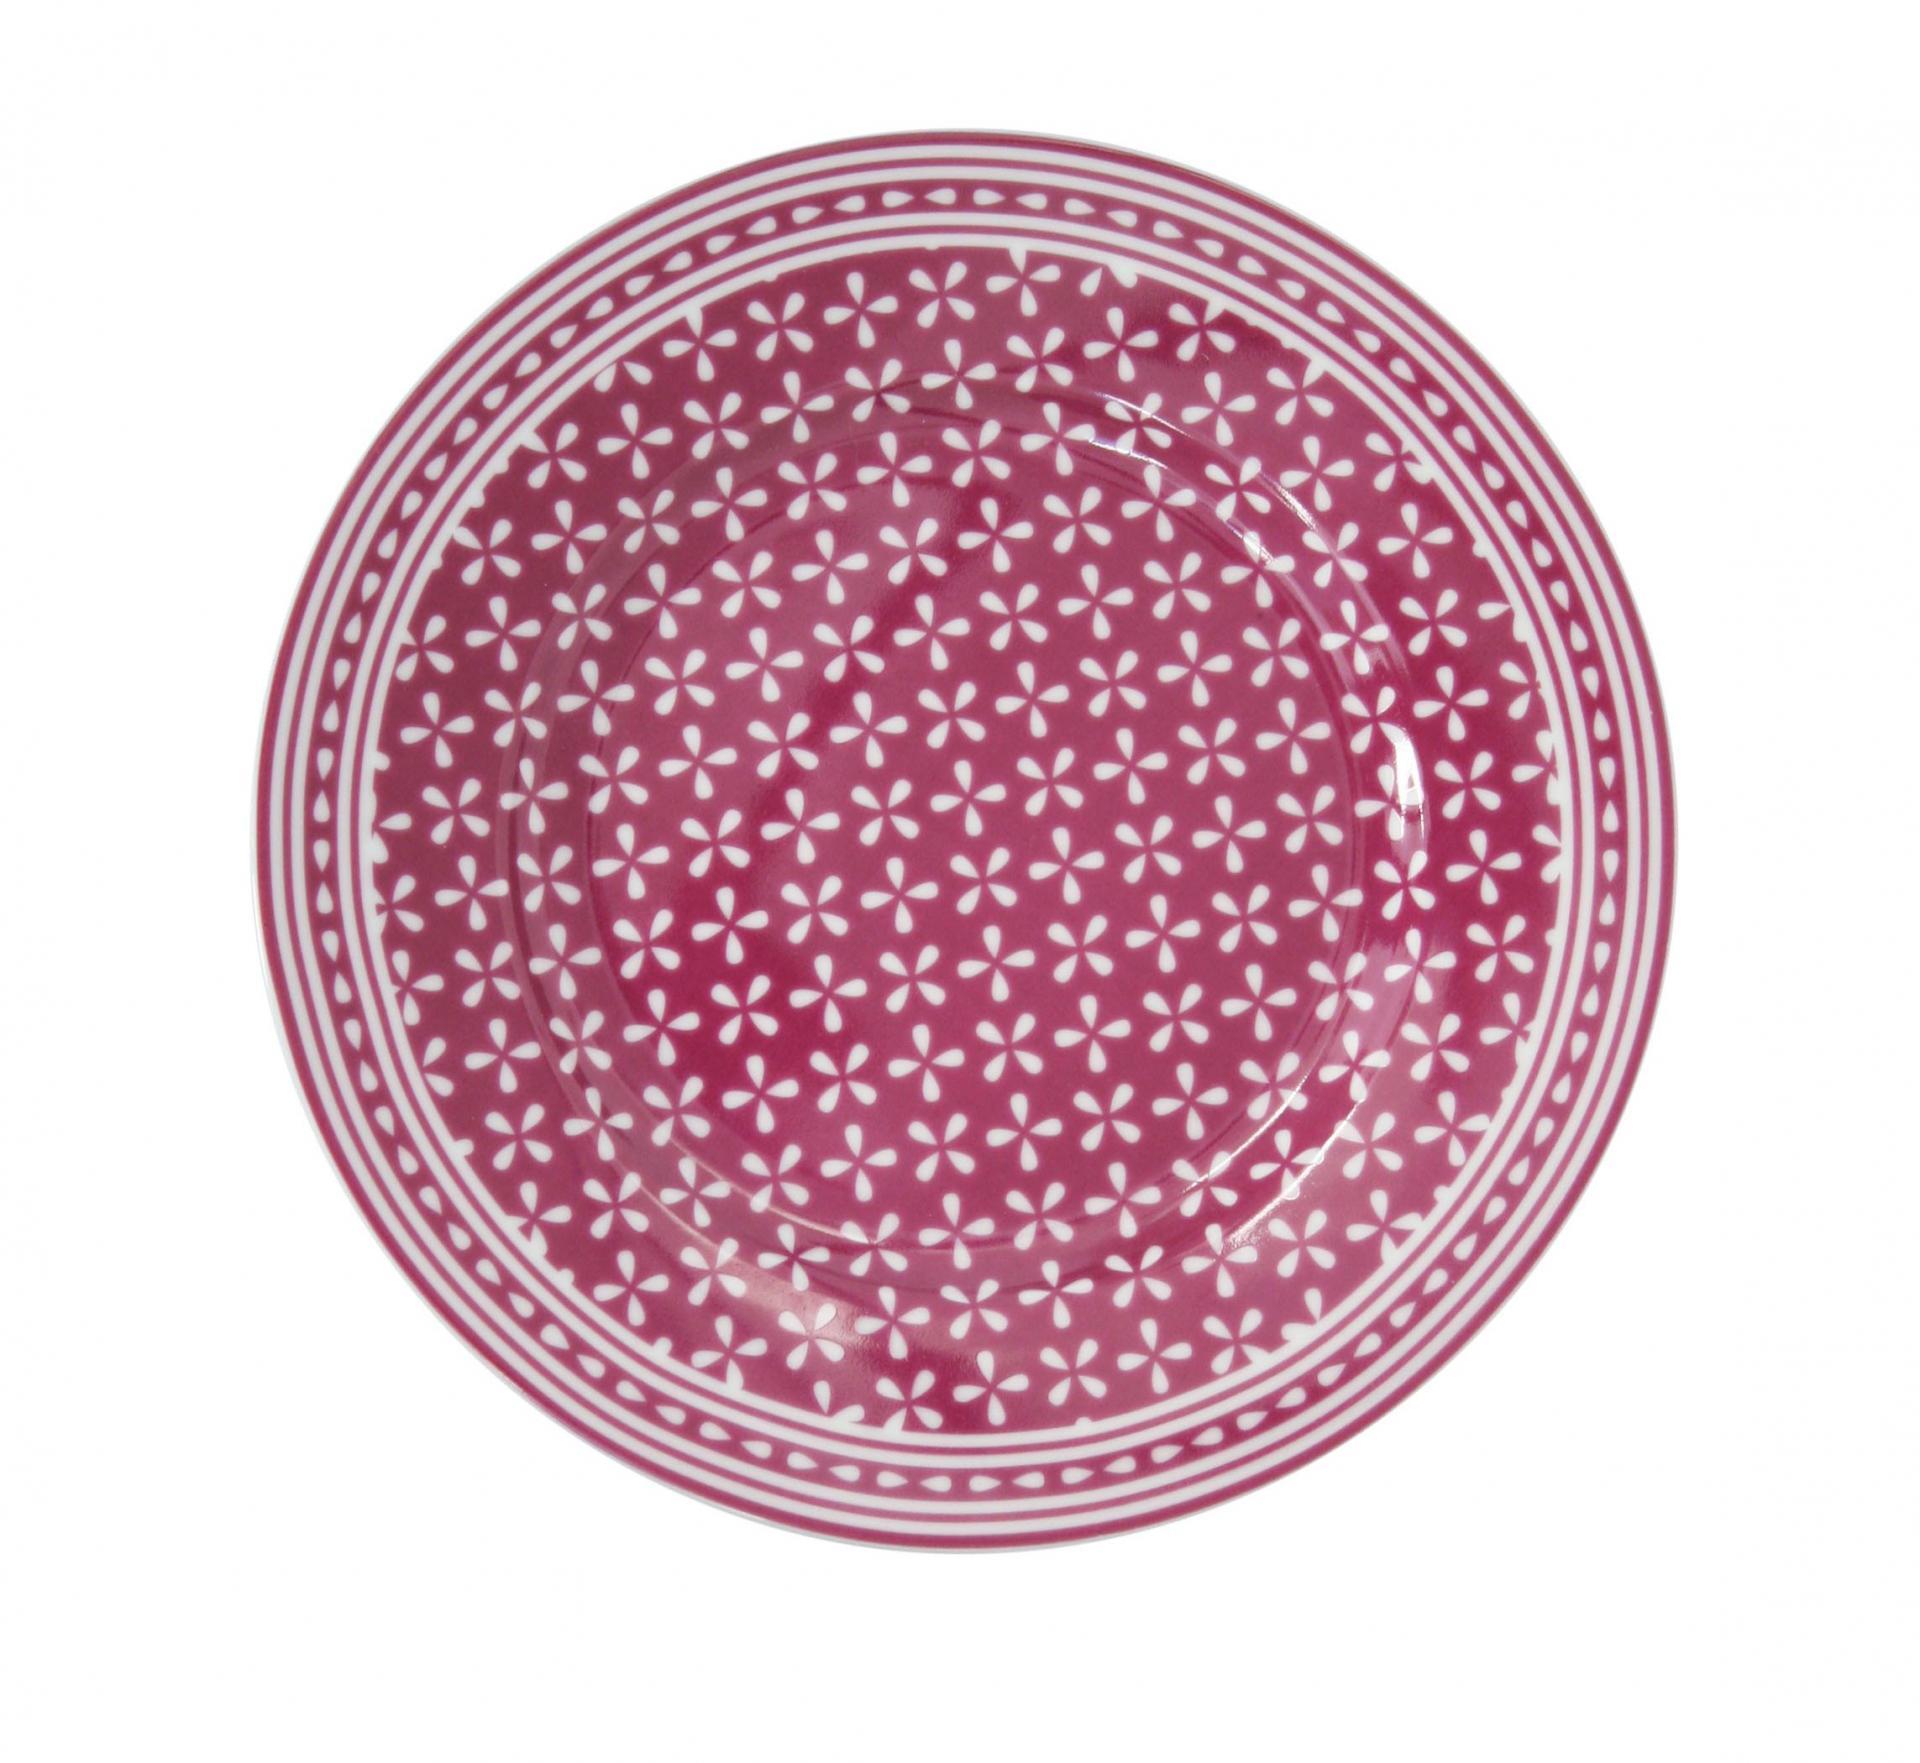 Krasilnikoff Dezertní talíř Daisy Plum, růžová barva, fialová barva, porcelán